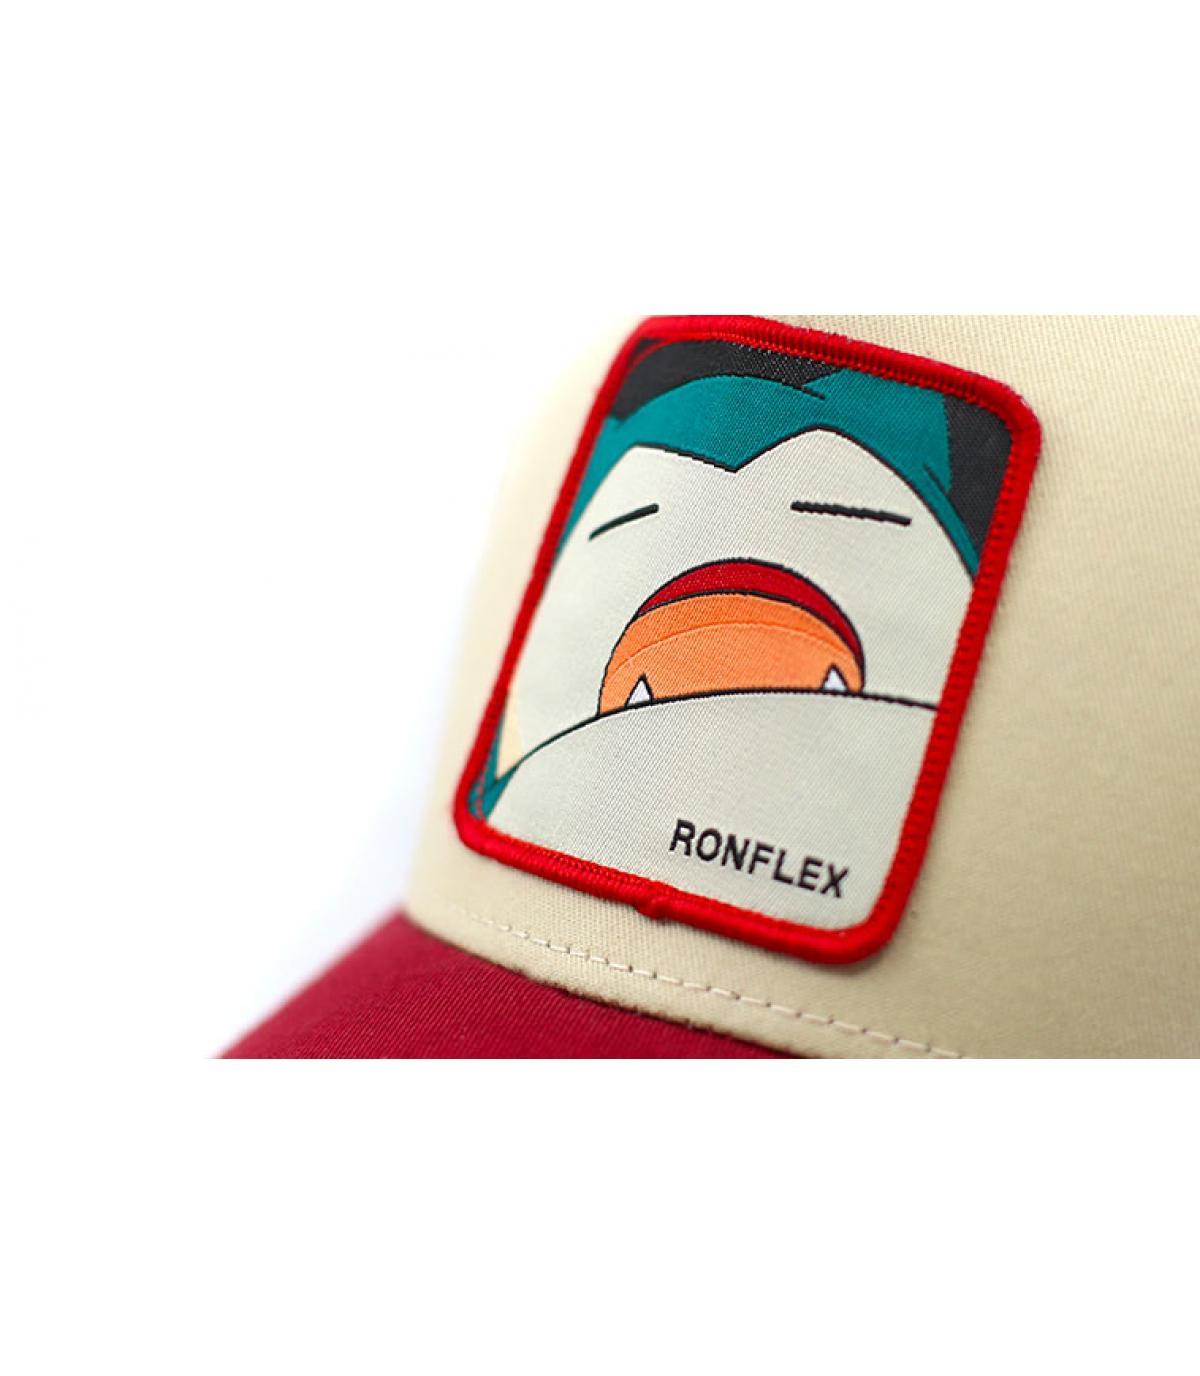 Détails Trucker Pokemon Ronflex - image 3